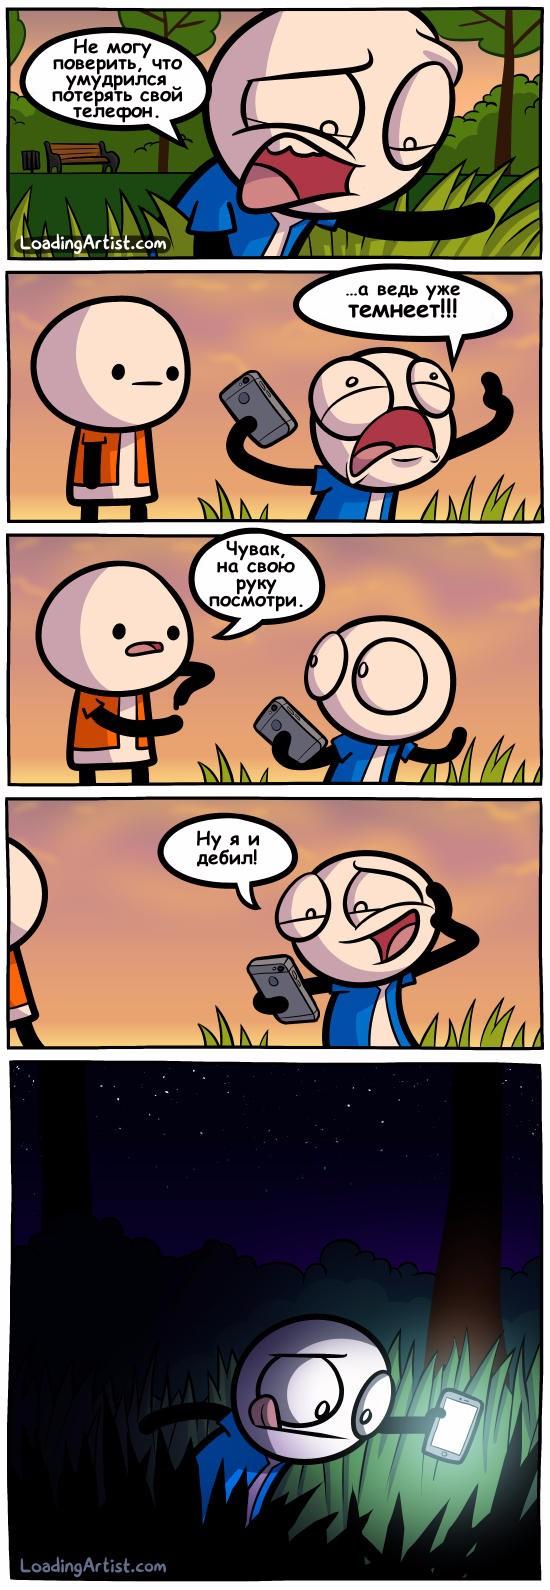 Потерял телефон